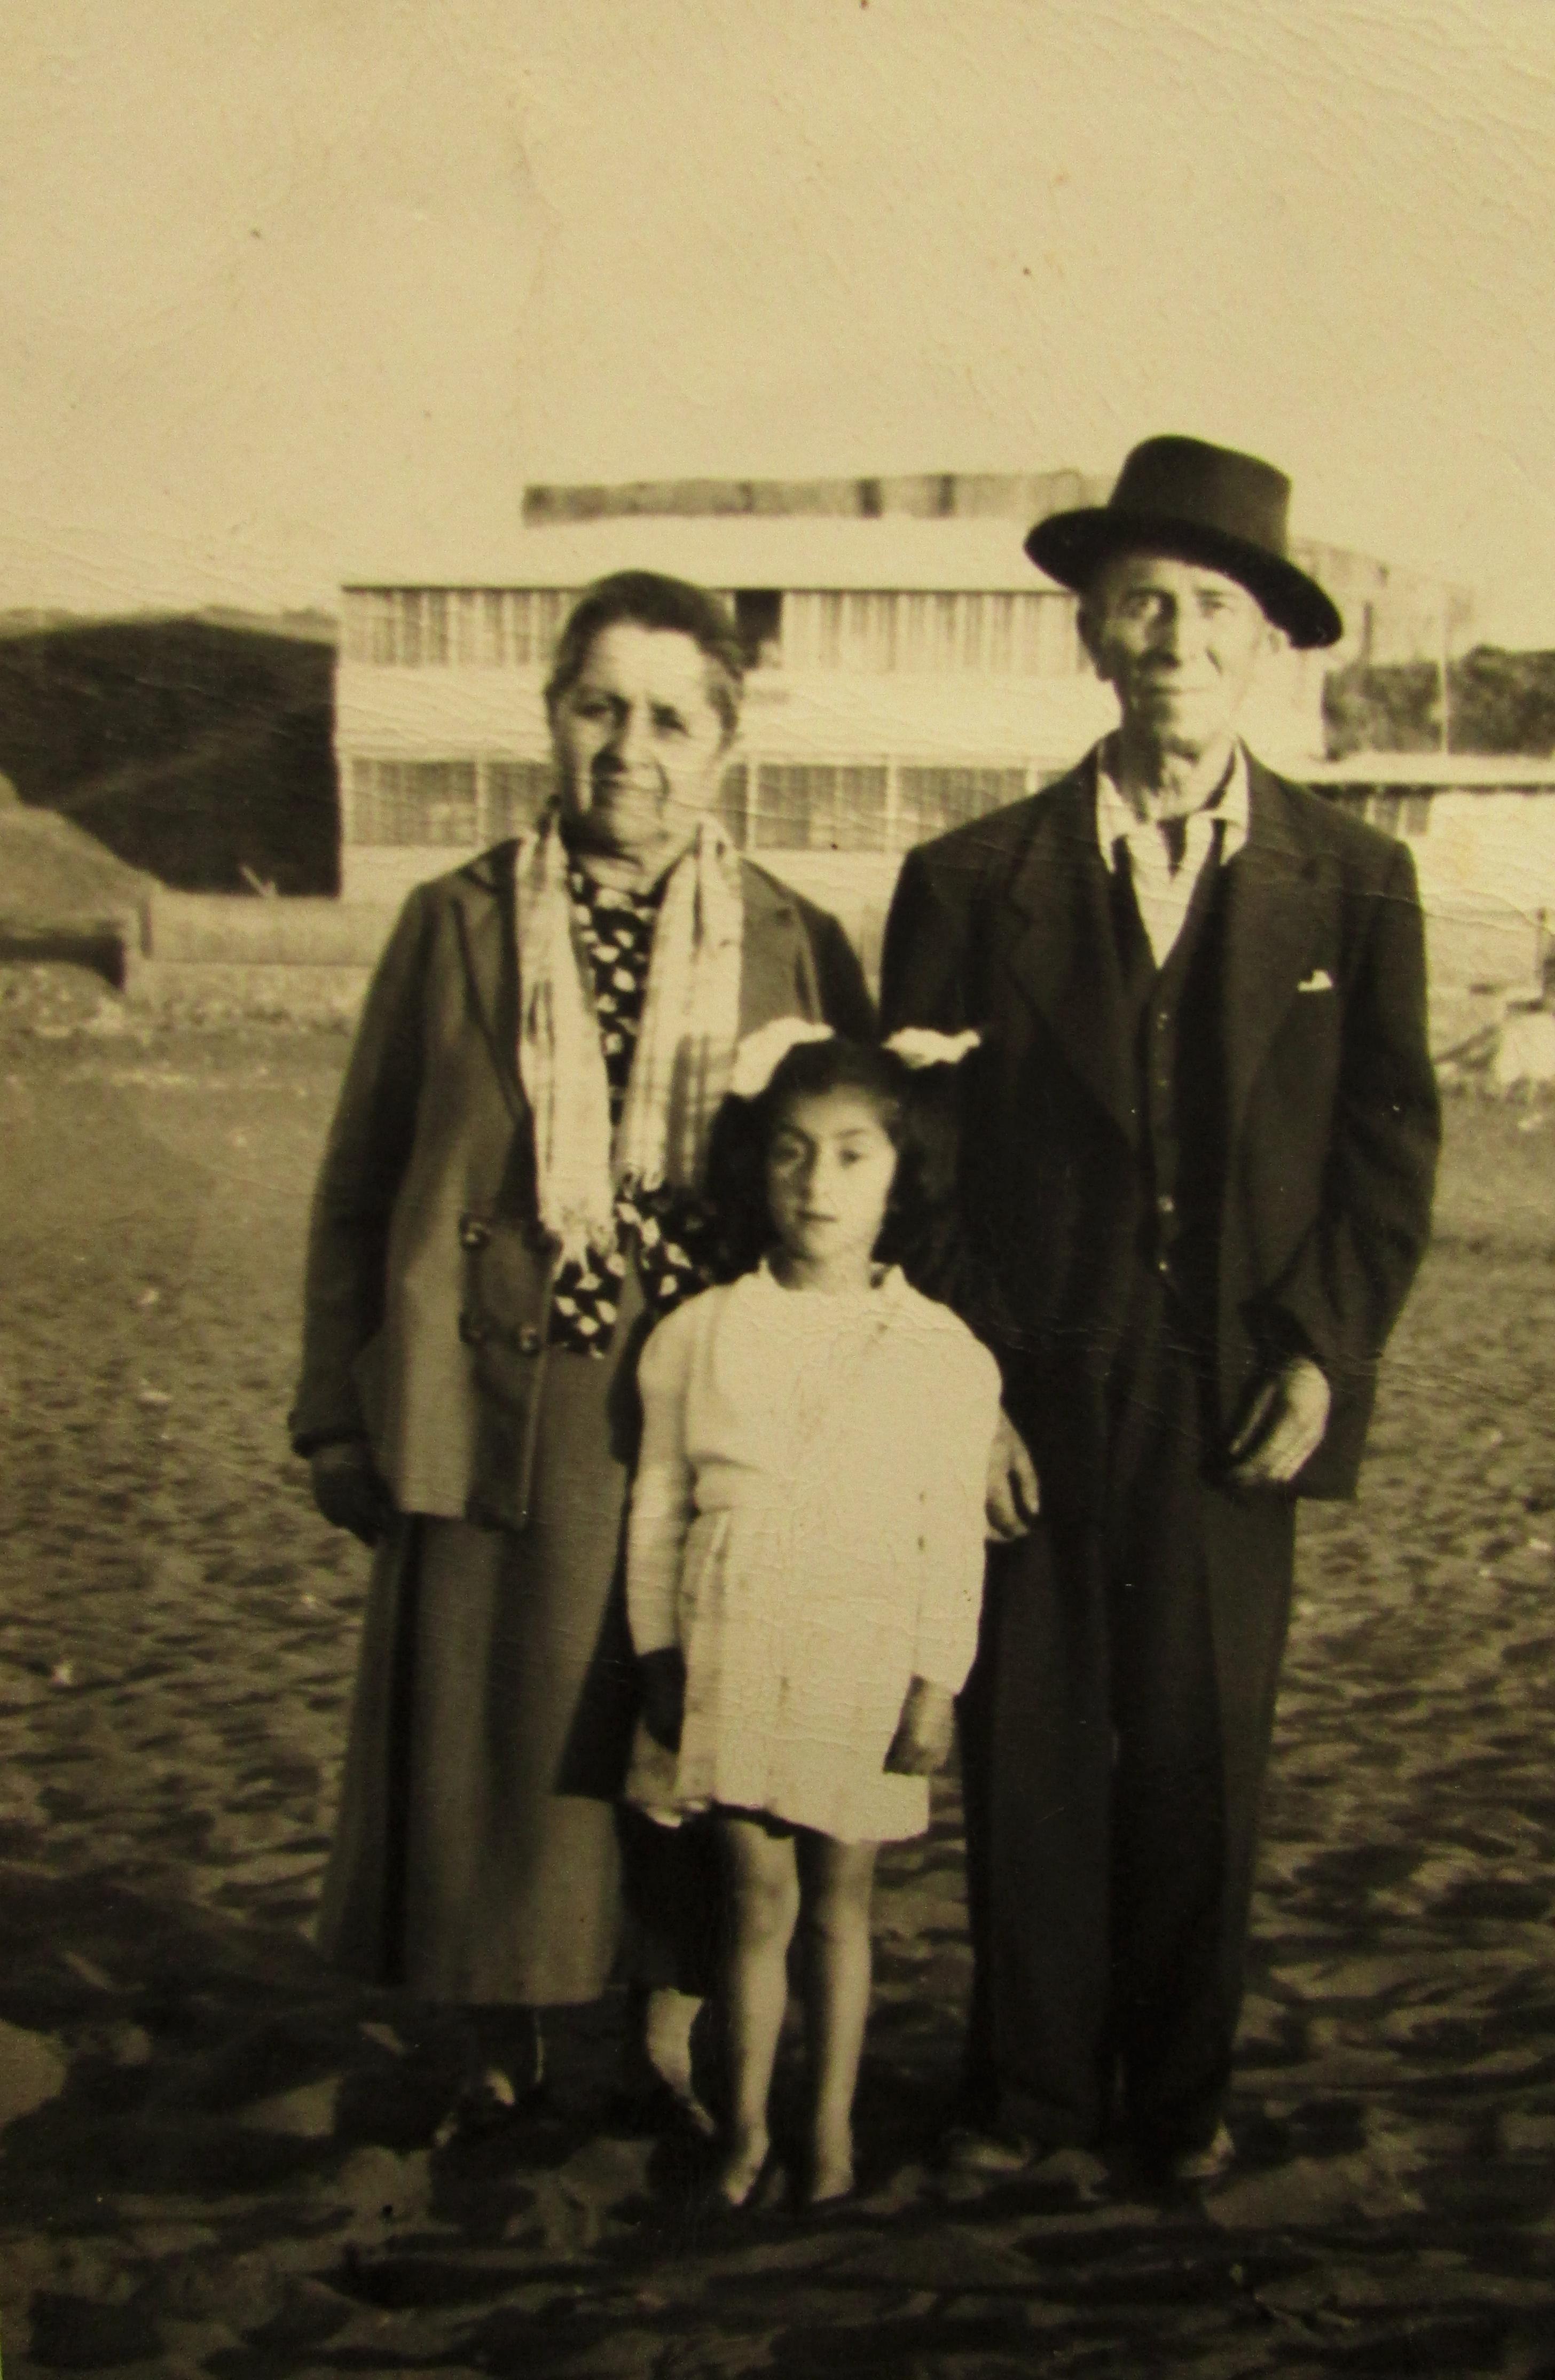 La primera foto aparecen mis bisabuelos María Tobar de Toro con su marido Eloy Toro y su nieta María Toro en Pichilemu es de principio de los años 50. Por:   Constanza del Pilar Toro Espinoza.